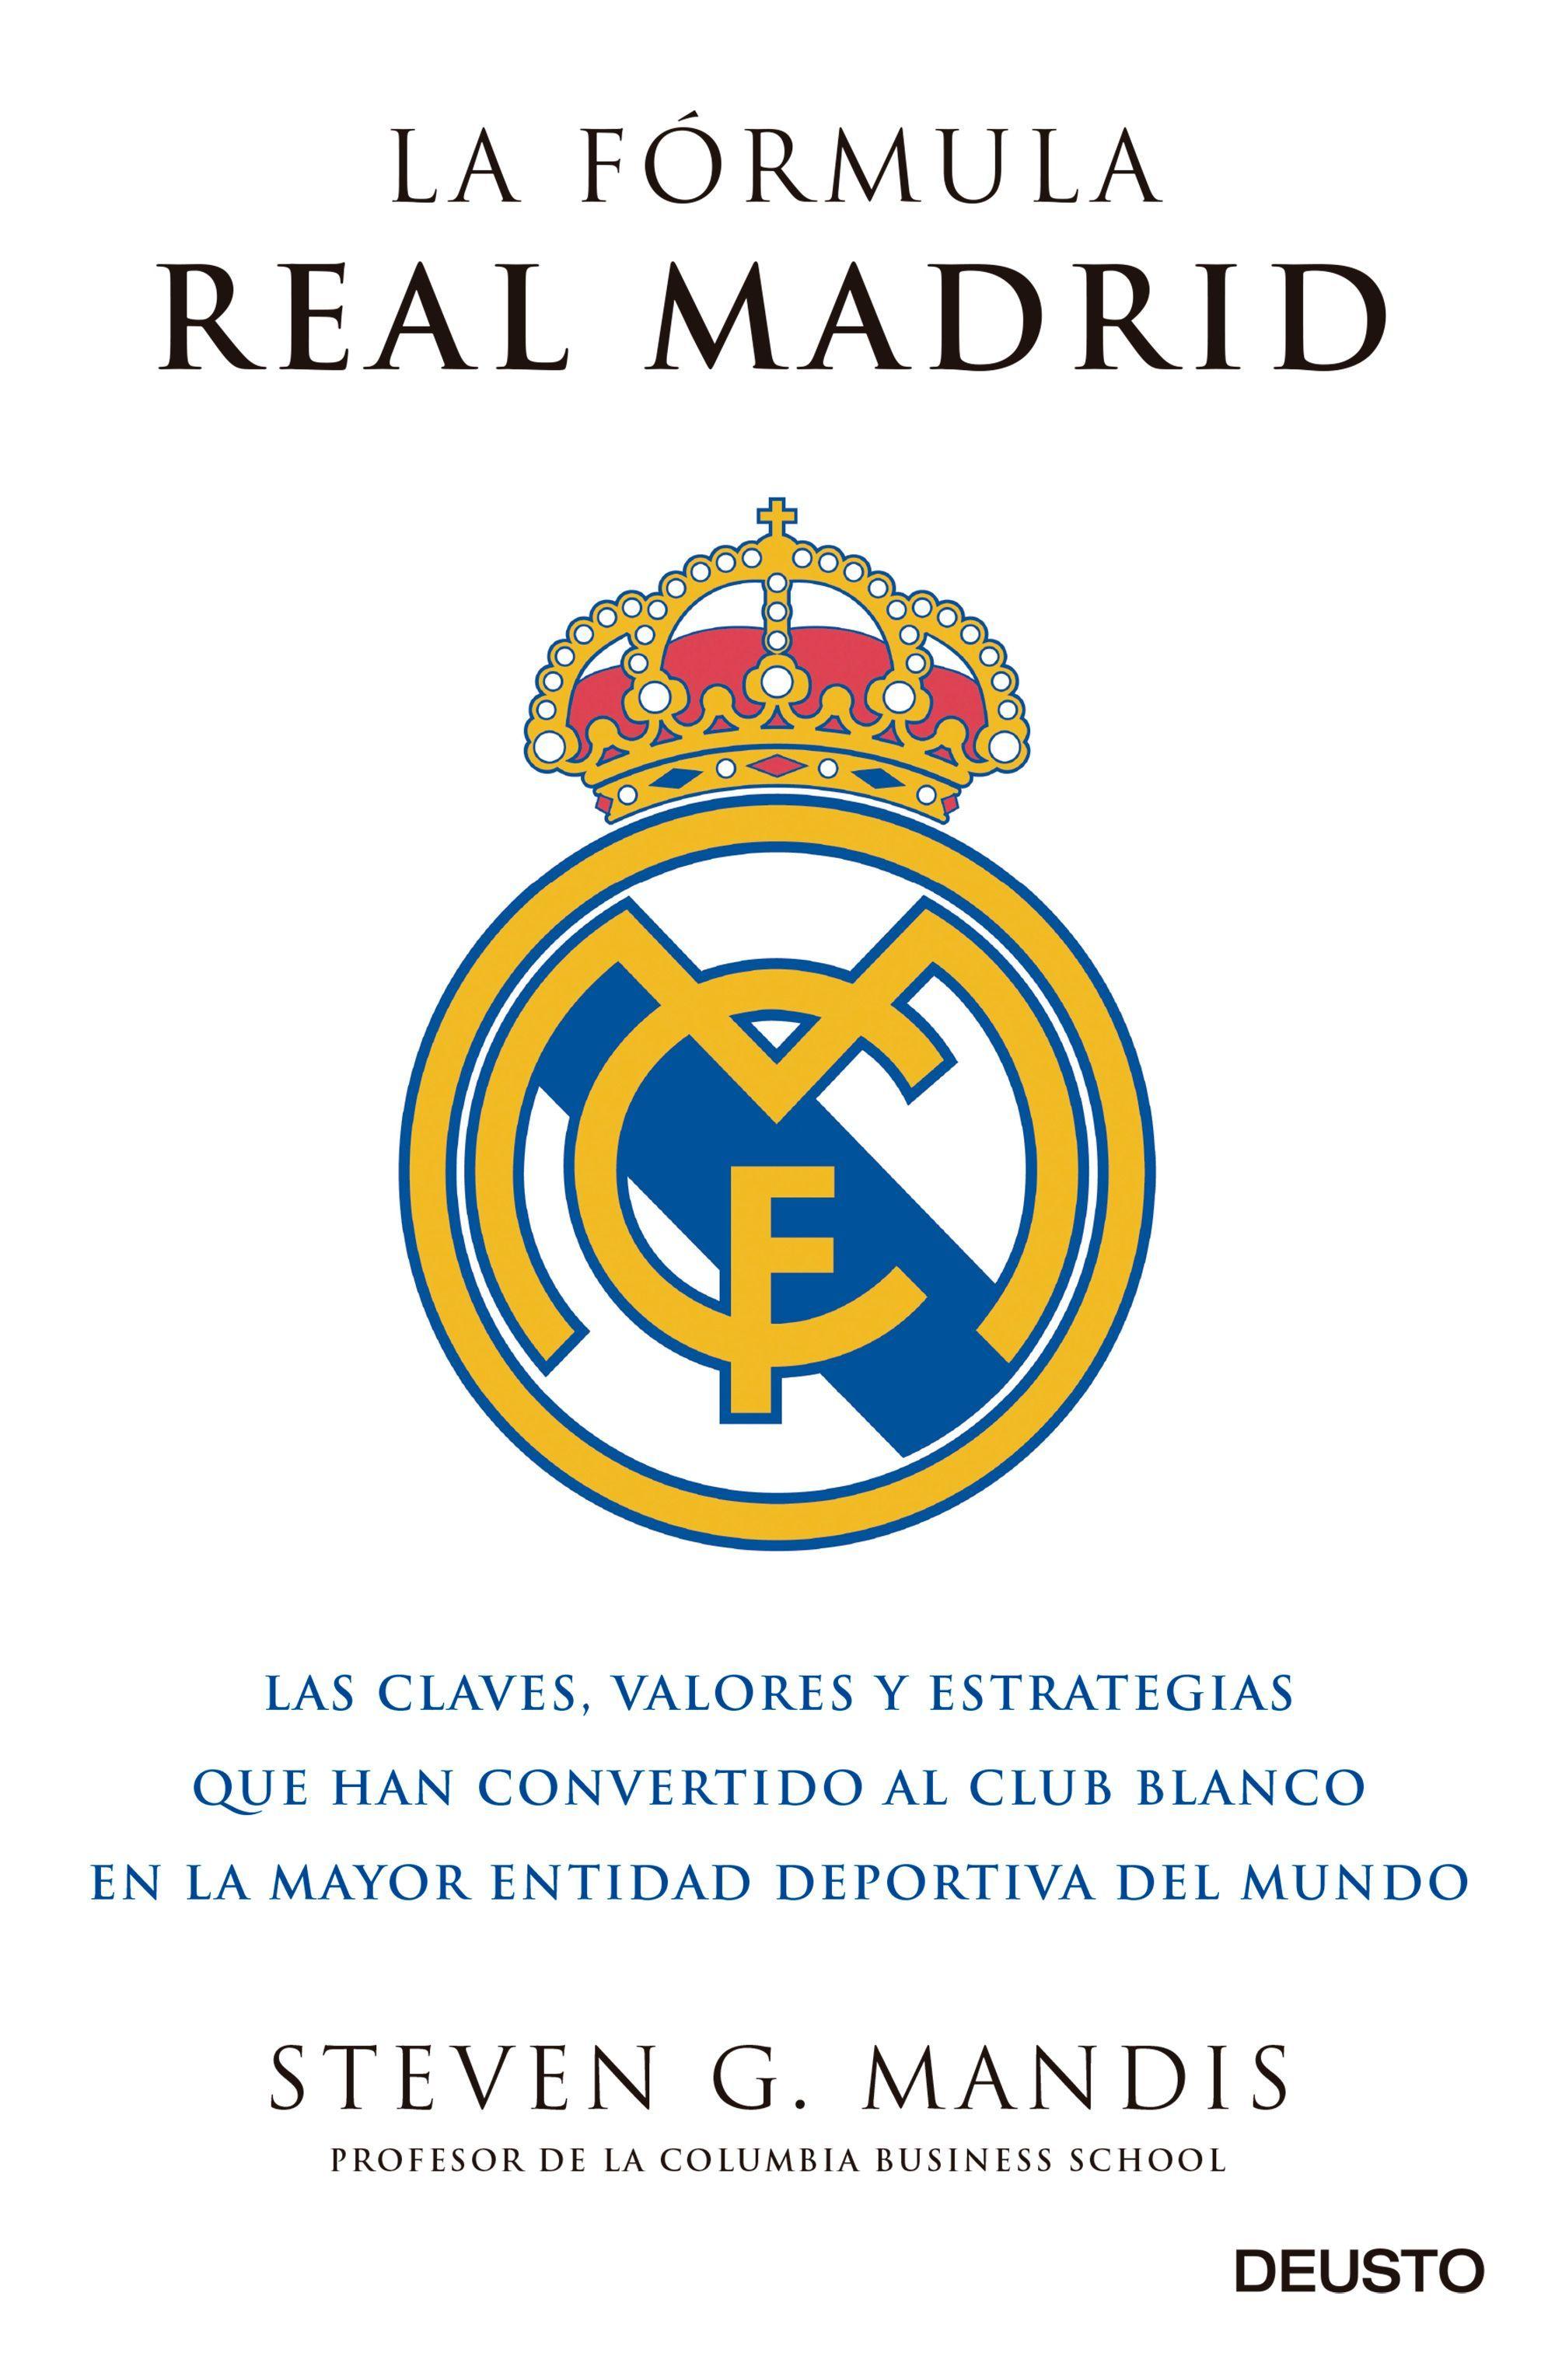 LA FÓRMULA REAL MADRID. LAS CLAVES, VALORES Y ESTRATEGIAS QUE HAN CONVERTIDO AL CLUB BLANCO EN LA MAYOR ENTIDAD DEPORTIVA DEL MUNDO